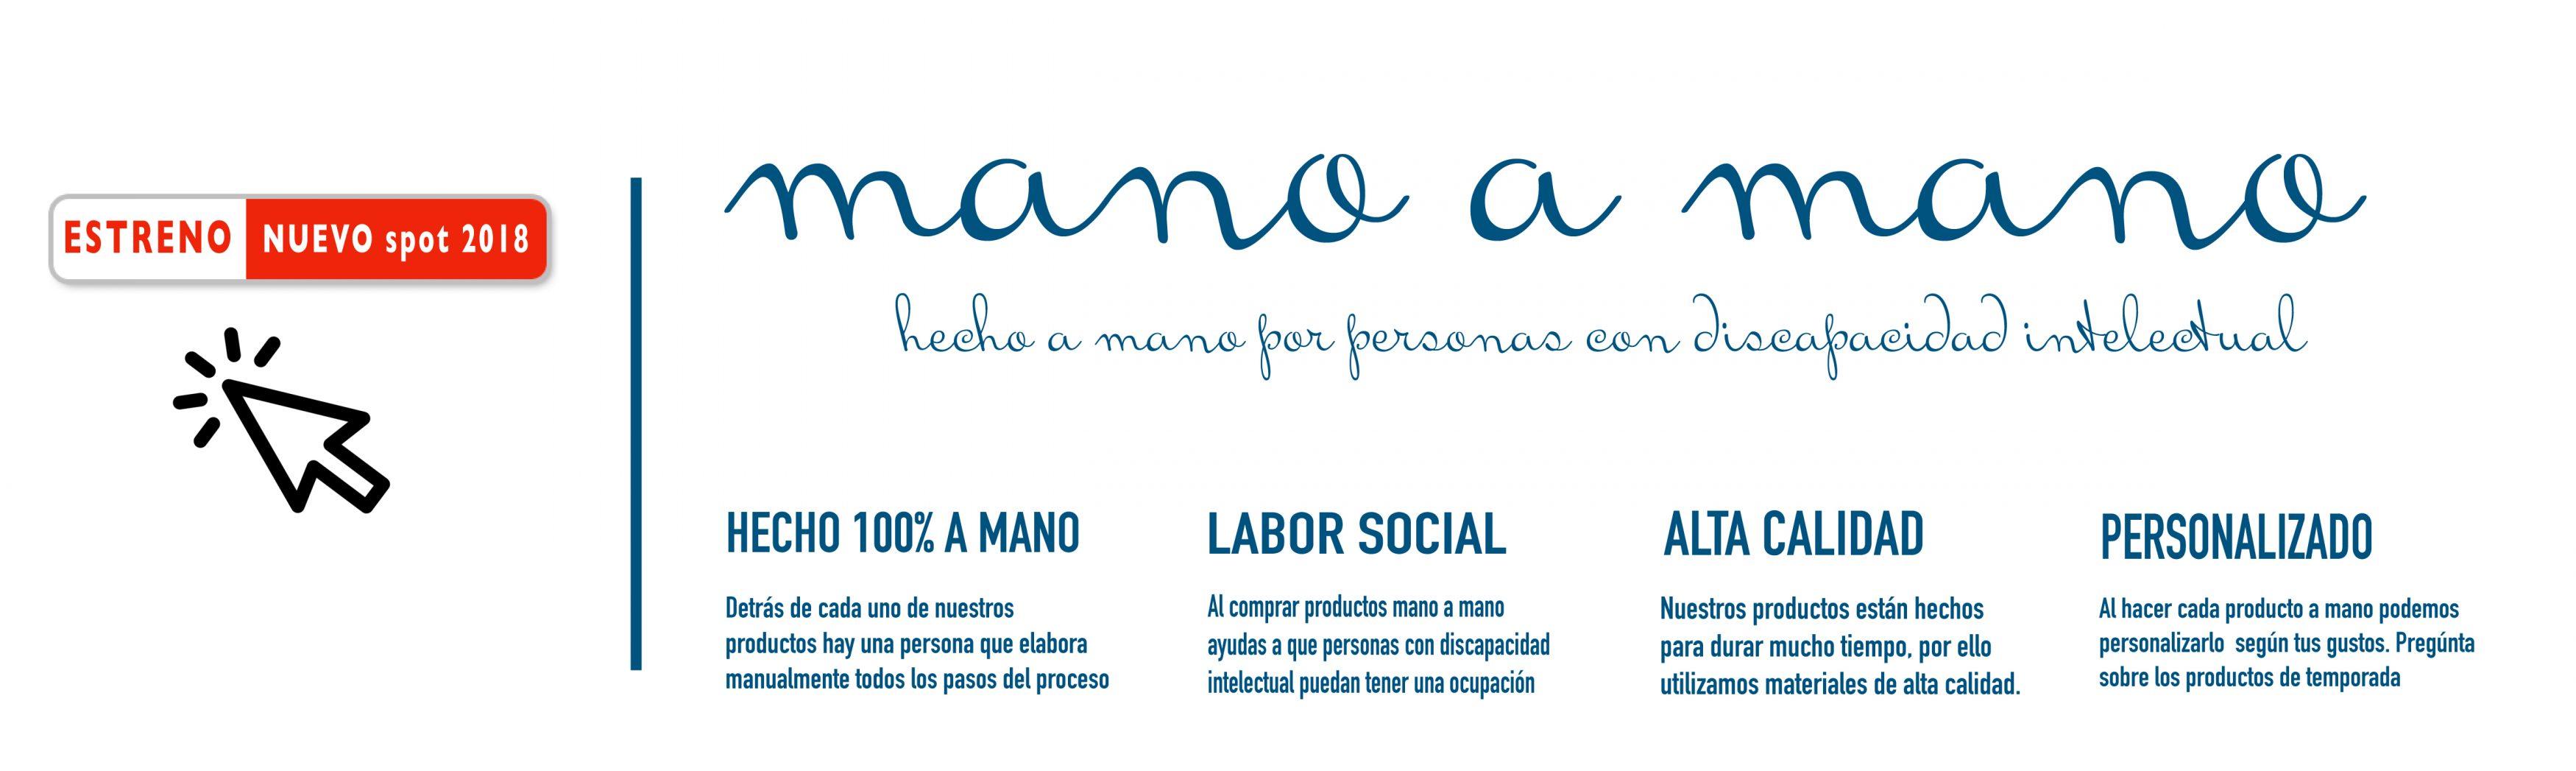 MANO-A-MANO-SPOT-2018-01-e1537370498677